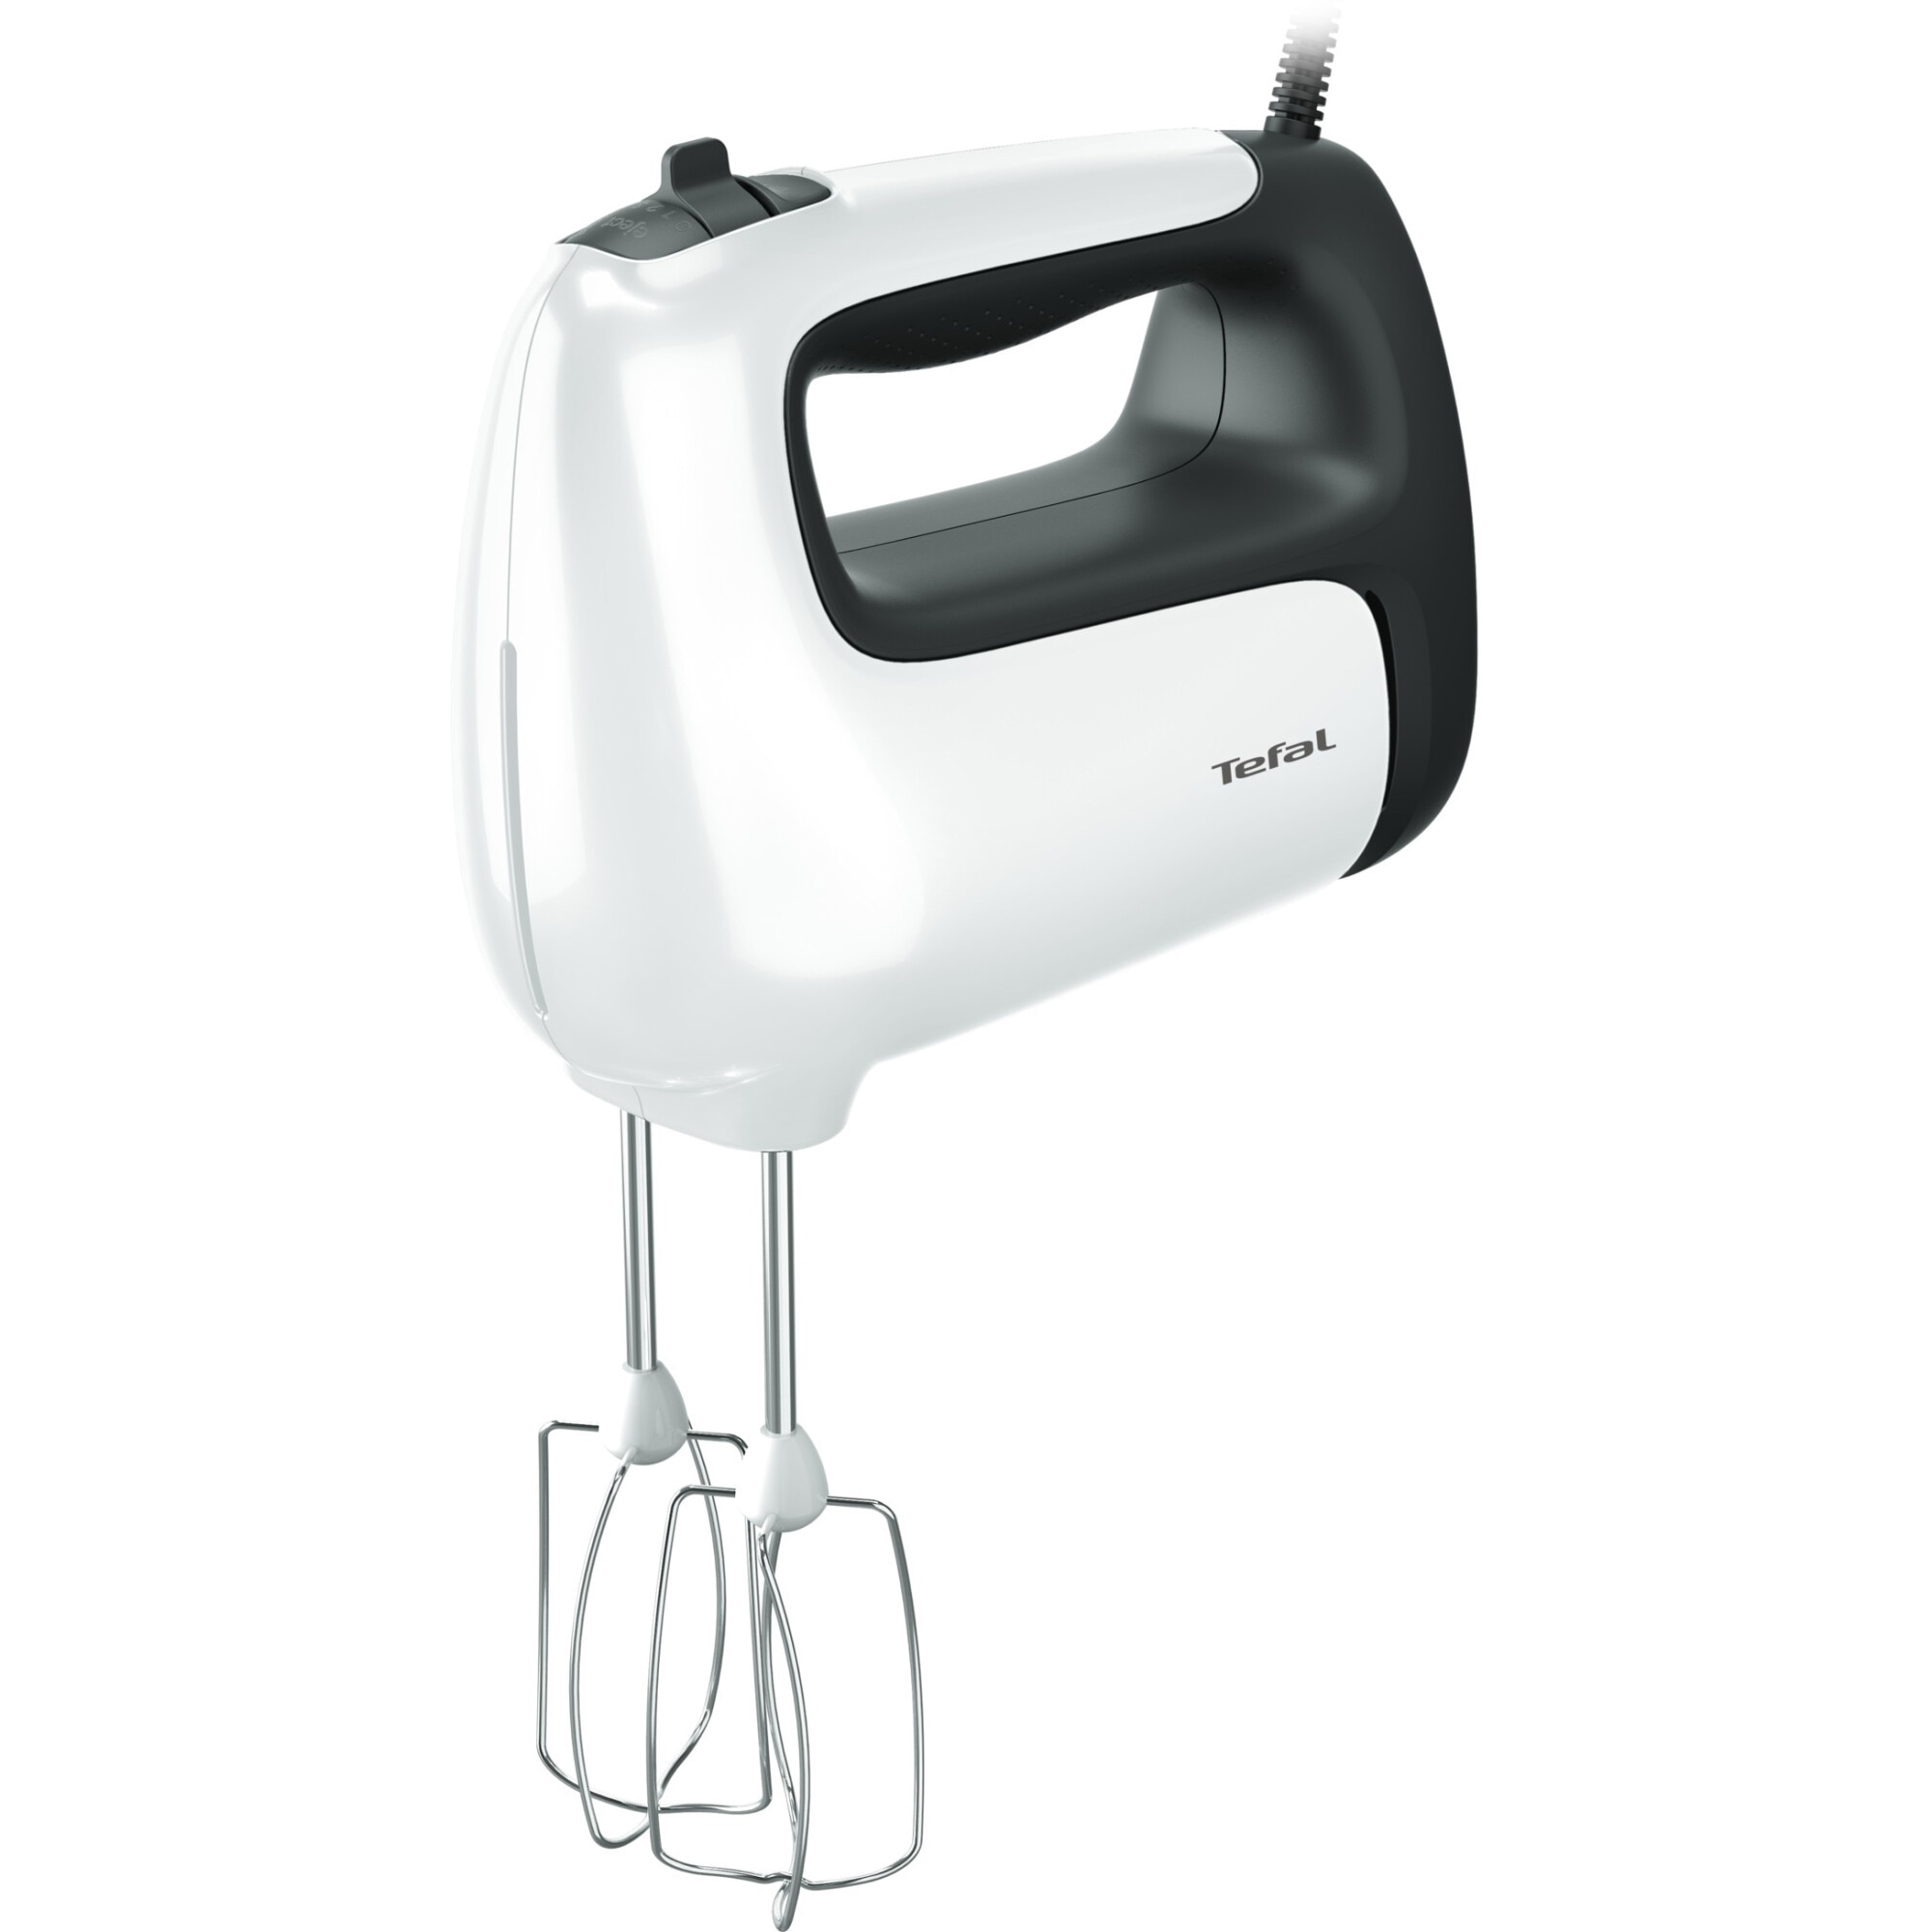 Fotografie Mixer de mana Tefal Prep'Mix HT461138, 500W, 5 viteze, Turbo, 2 accesorii pentru aluat, 2 teluri, picior pasator, alb